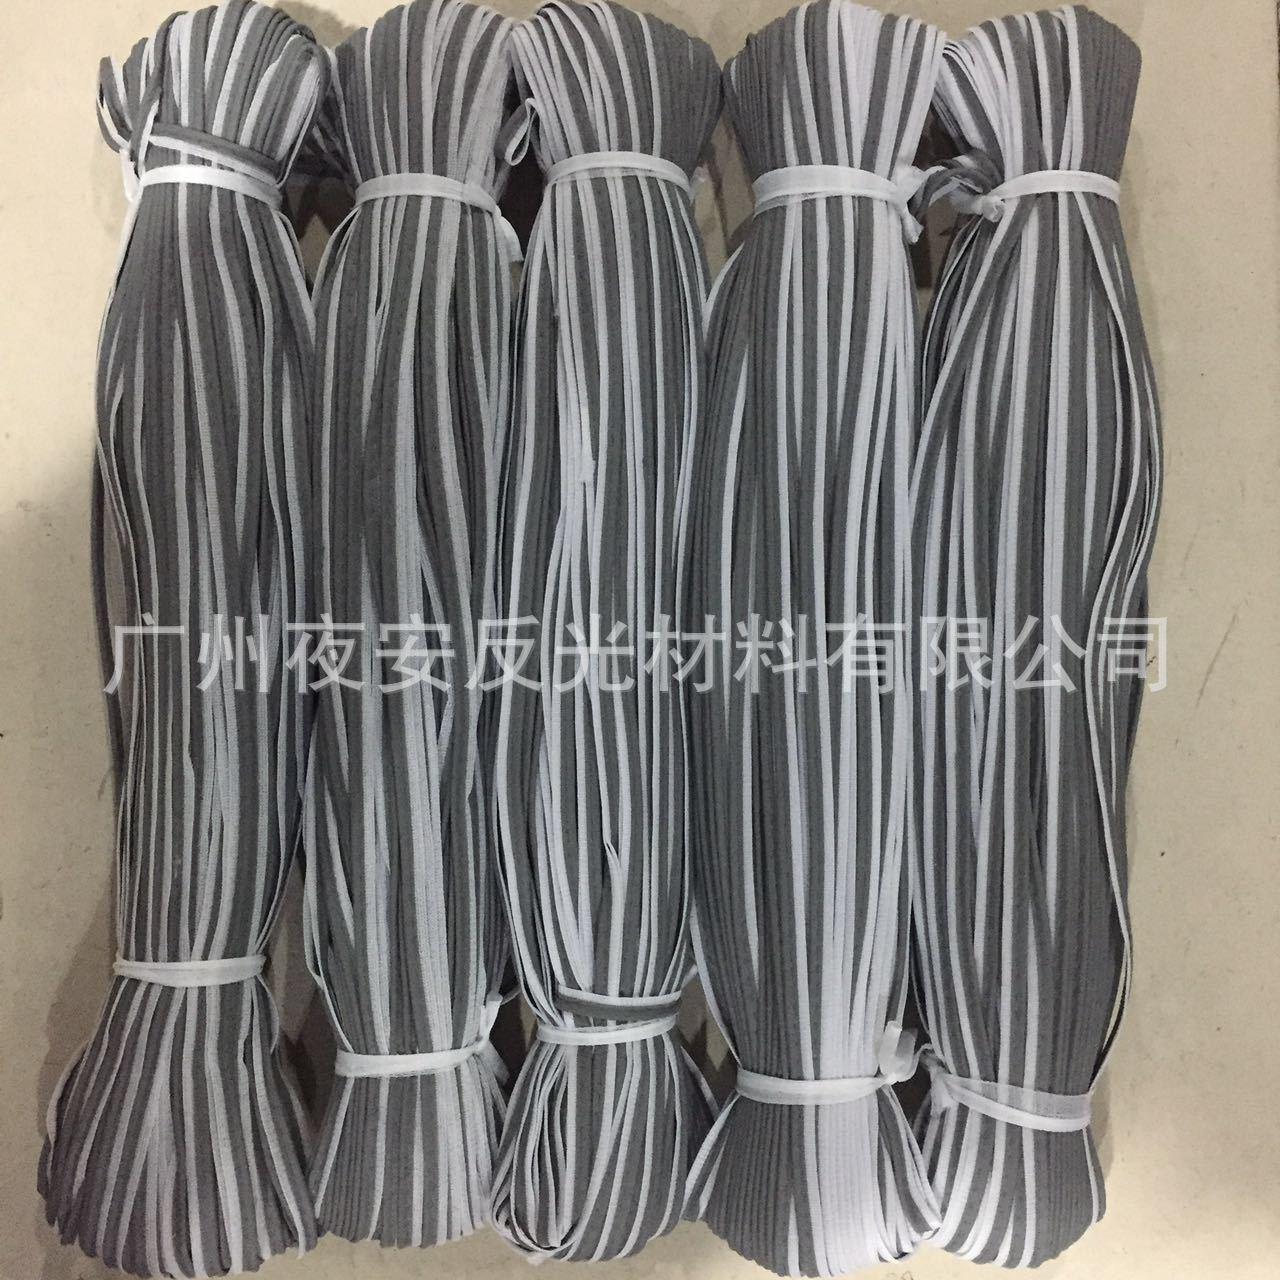 高亮化纤反光包边有网布反光绳 时尚多用途装饰辅料反光包边条